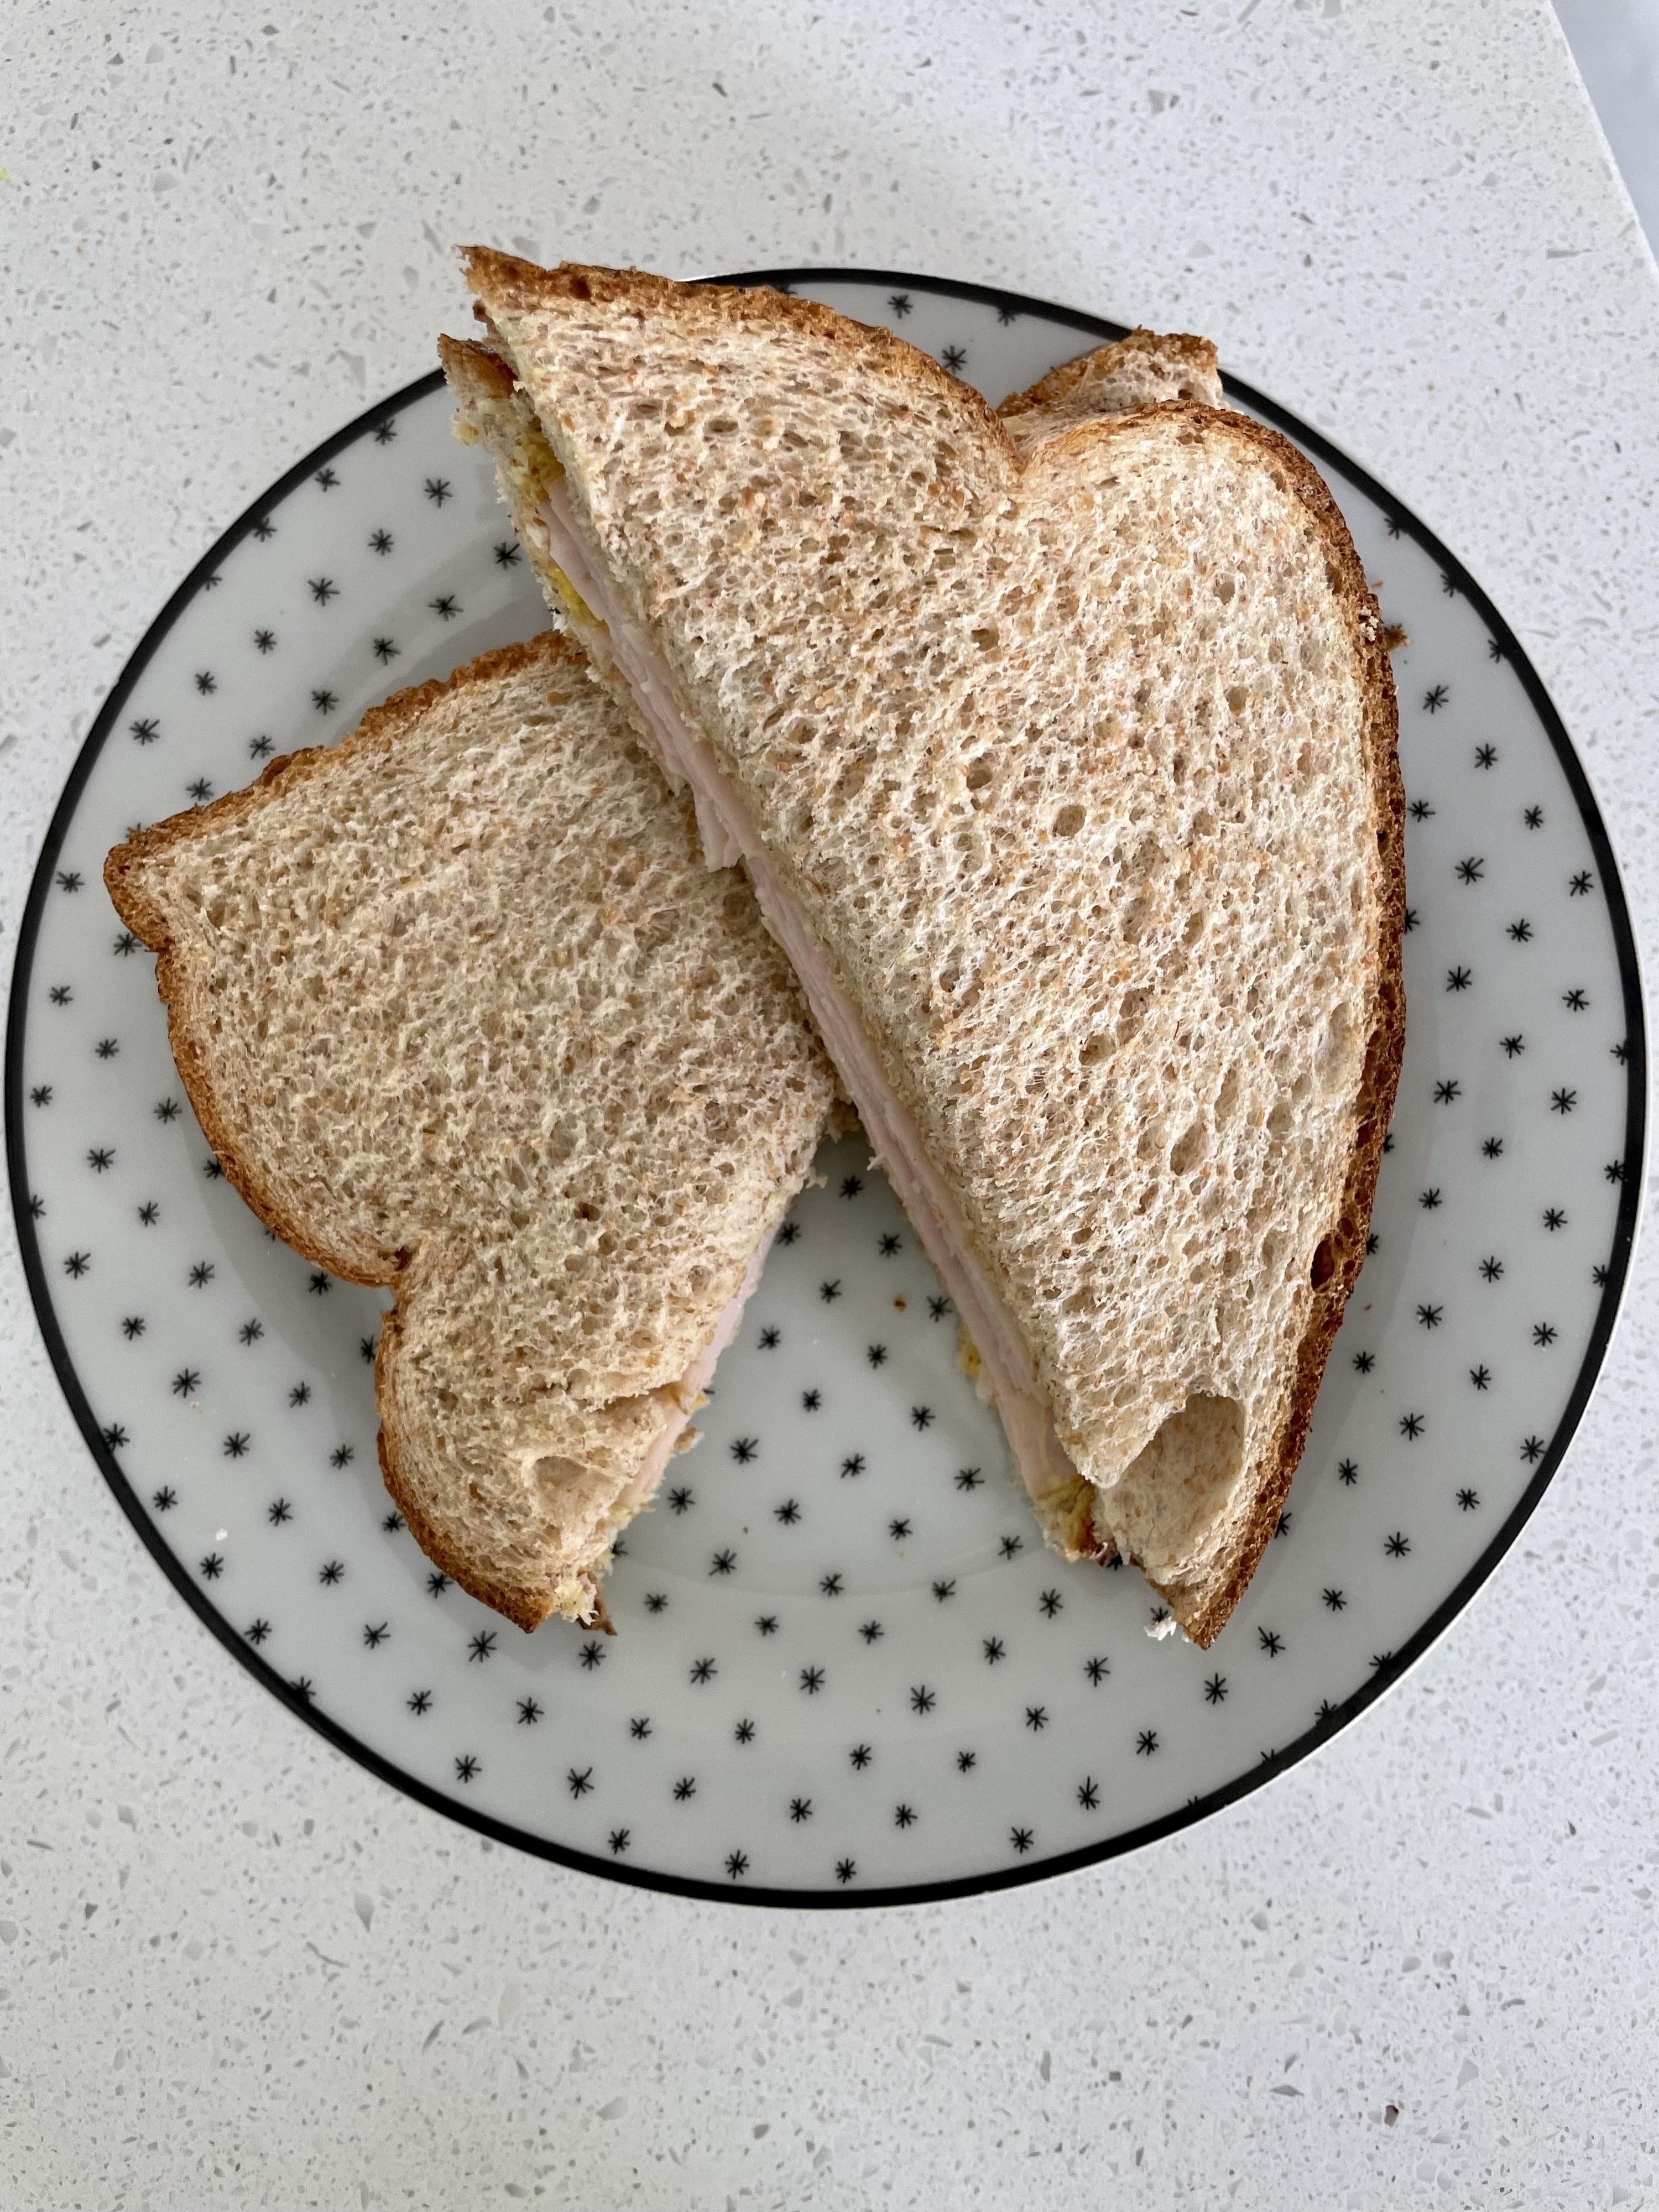 Plated turkey sandwiches